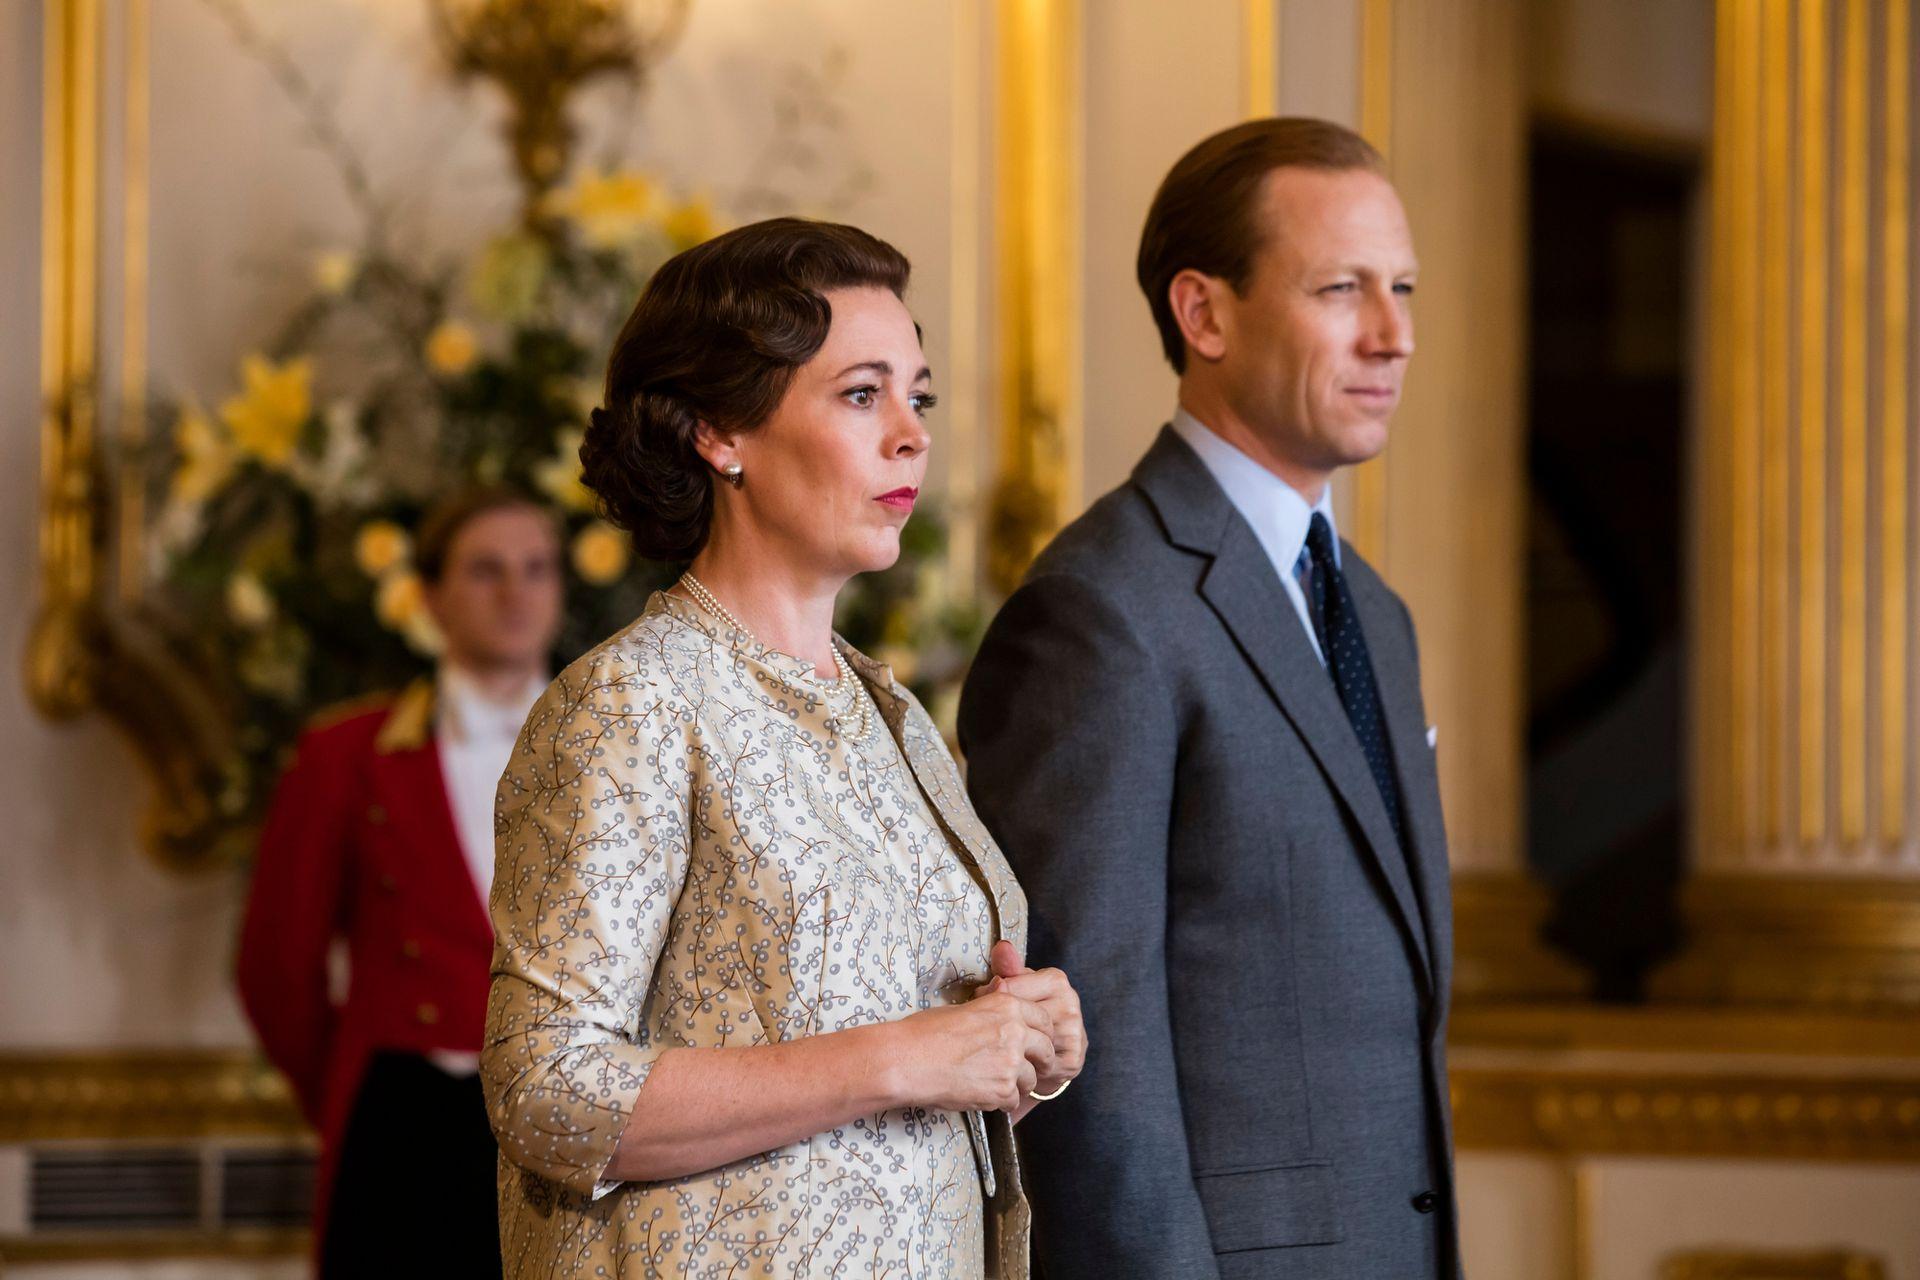 Colman y Tobias Menzies, como Isabel y Felipe, el duque de Edimburgo